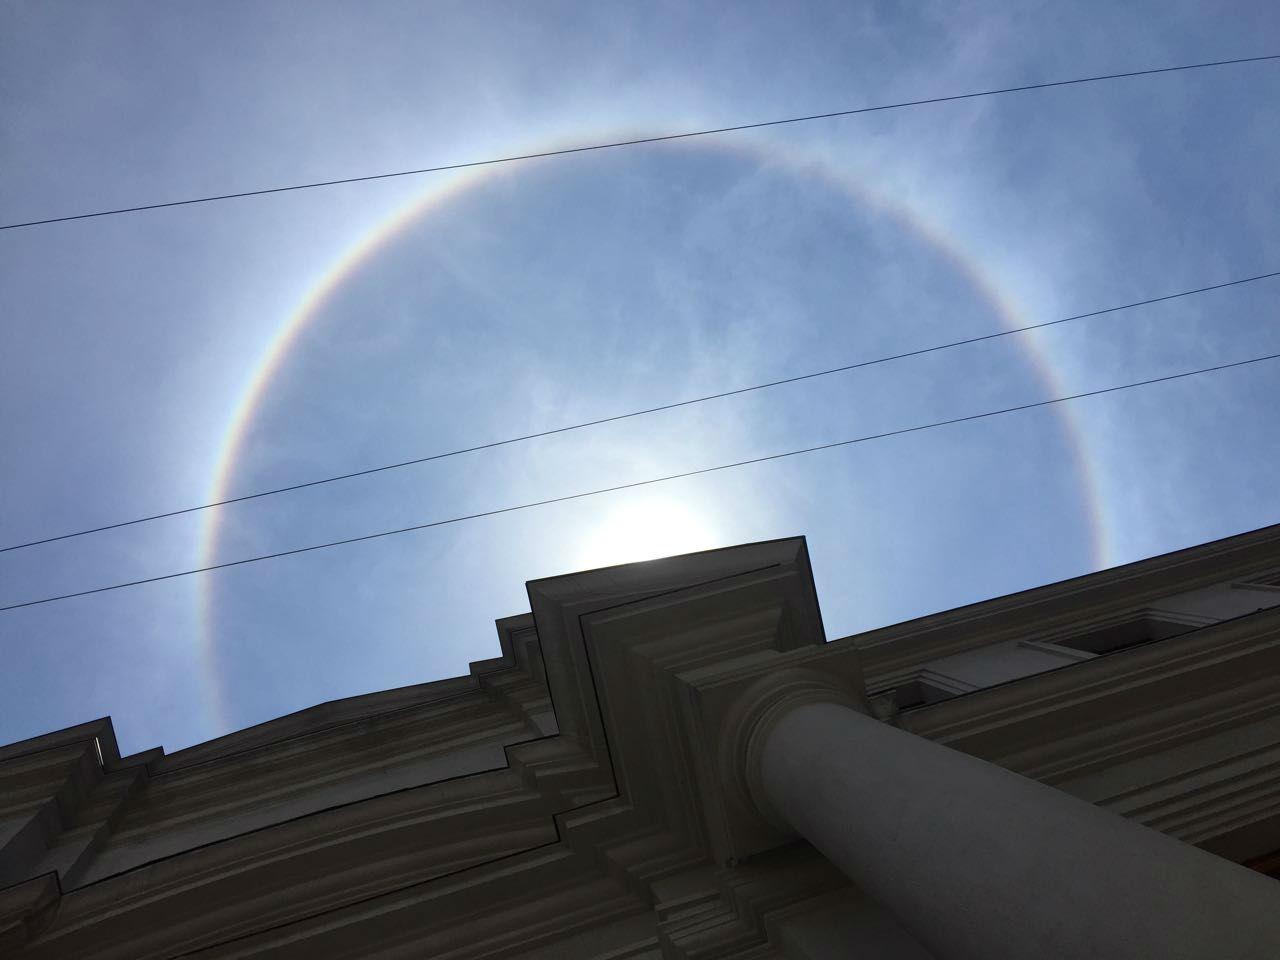 Halo solar sorprende a Chilenos en muchas partes del país